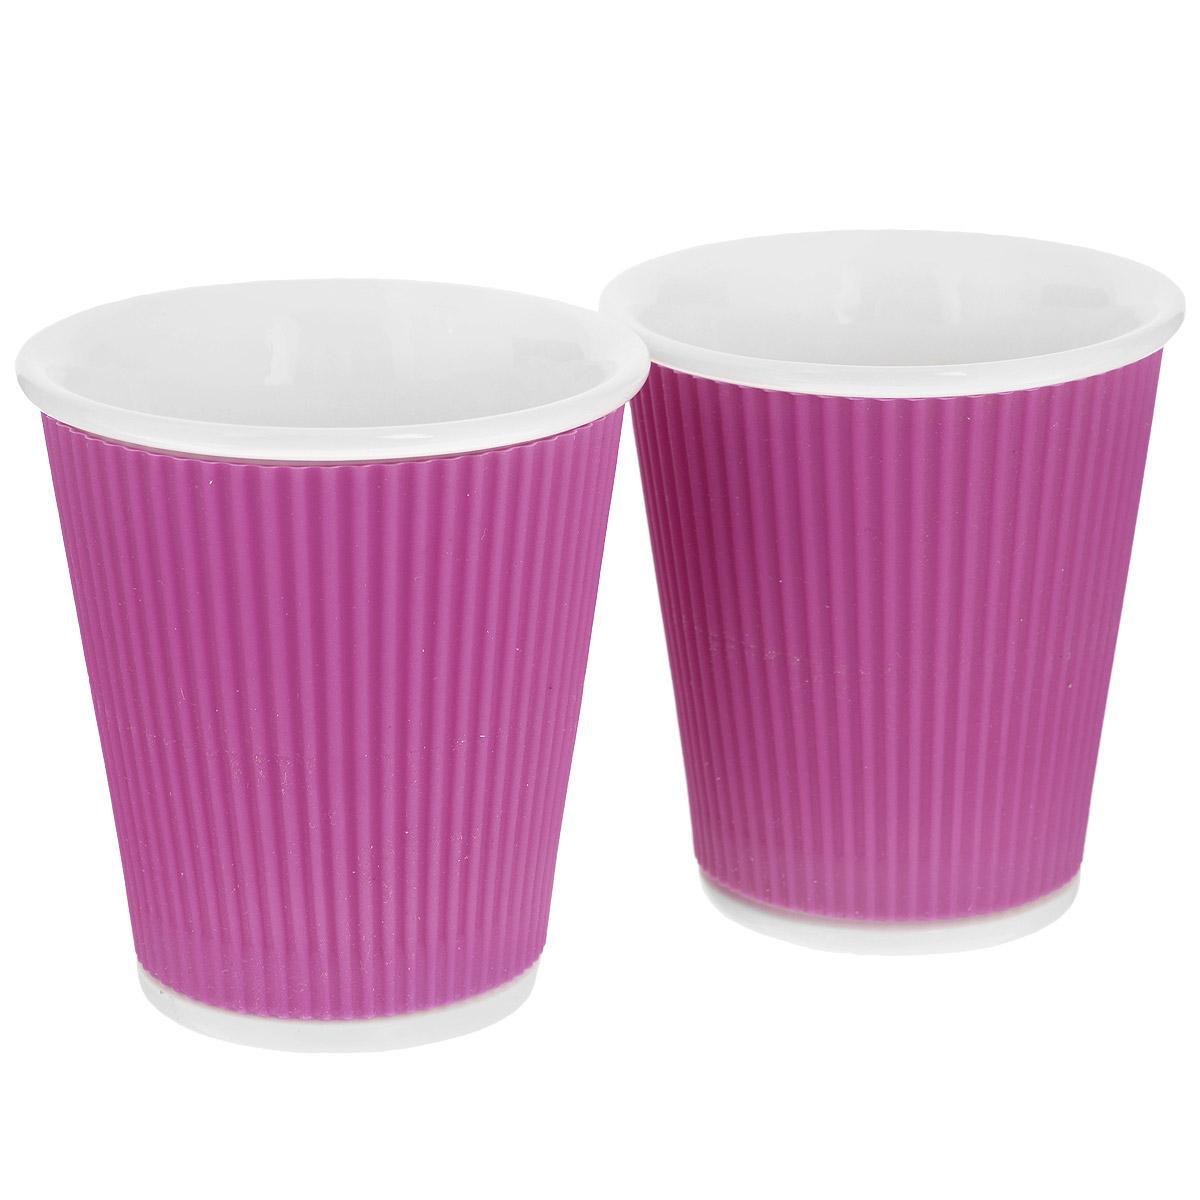 Набор чашек Les Artistes-Paris Ondules, цвет: фиолетовый, 180 мл, 2 штA-0636Набор Les Artistes-Paris Ondules состоит из двух чашек, выполненных из фарфора в виде бумажных стаканчиков. Силиконовое покрытие с внешней стороны позволяет удобно использовать чашку и не обжечь руки. Материал изделий не содержит кадмия и свинца, поэтому абсолютно безопасен для здоровья. Чашки выдерживают высокие перепады температур от -35°С до +300°С, они невероятно прочны и устойчивы к появлению царапин. Набор яркого необычного дизайна позволит насладиться вашими любыми напитками, благодаря компактным размерам его можно взять с собой куда угодно. Прекрасный подарок для друзей и близких. Можно использовать в микроволновке, ставить в холодильник и мыть в посудомоечной машине. Объем чашки: 180 мл. Диаметр (по верхнему краю): 8 см. Высота чашки: 8,5 см.